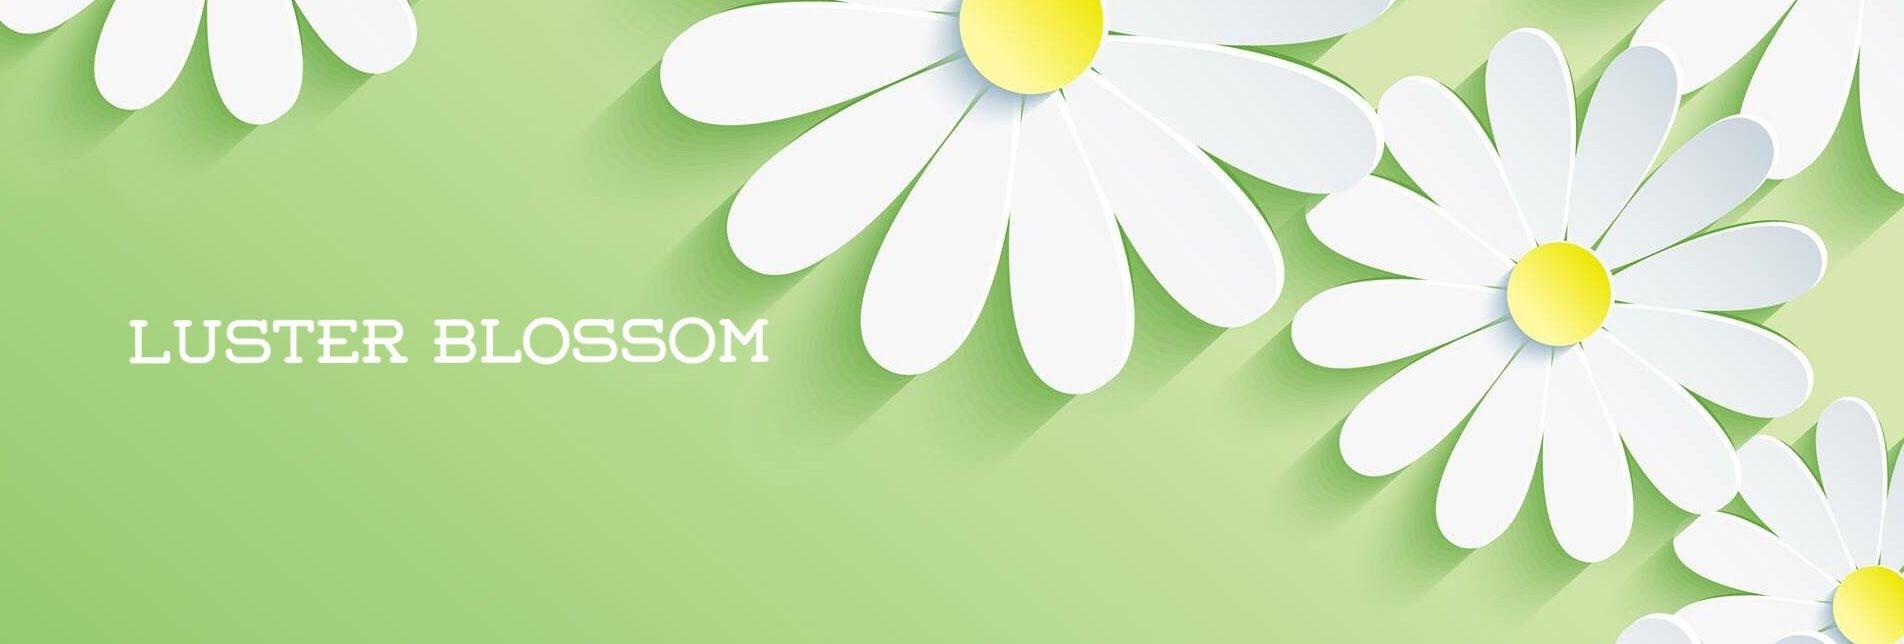 ECサポート・集客・SEO対策・SNS連動サポートのLusterblossom